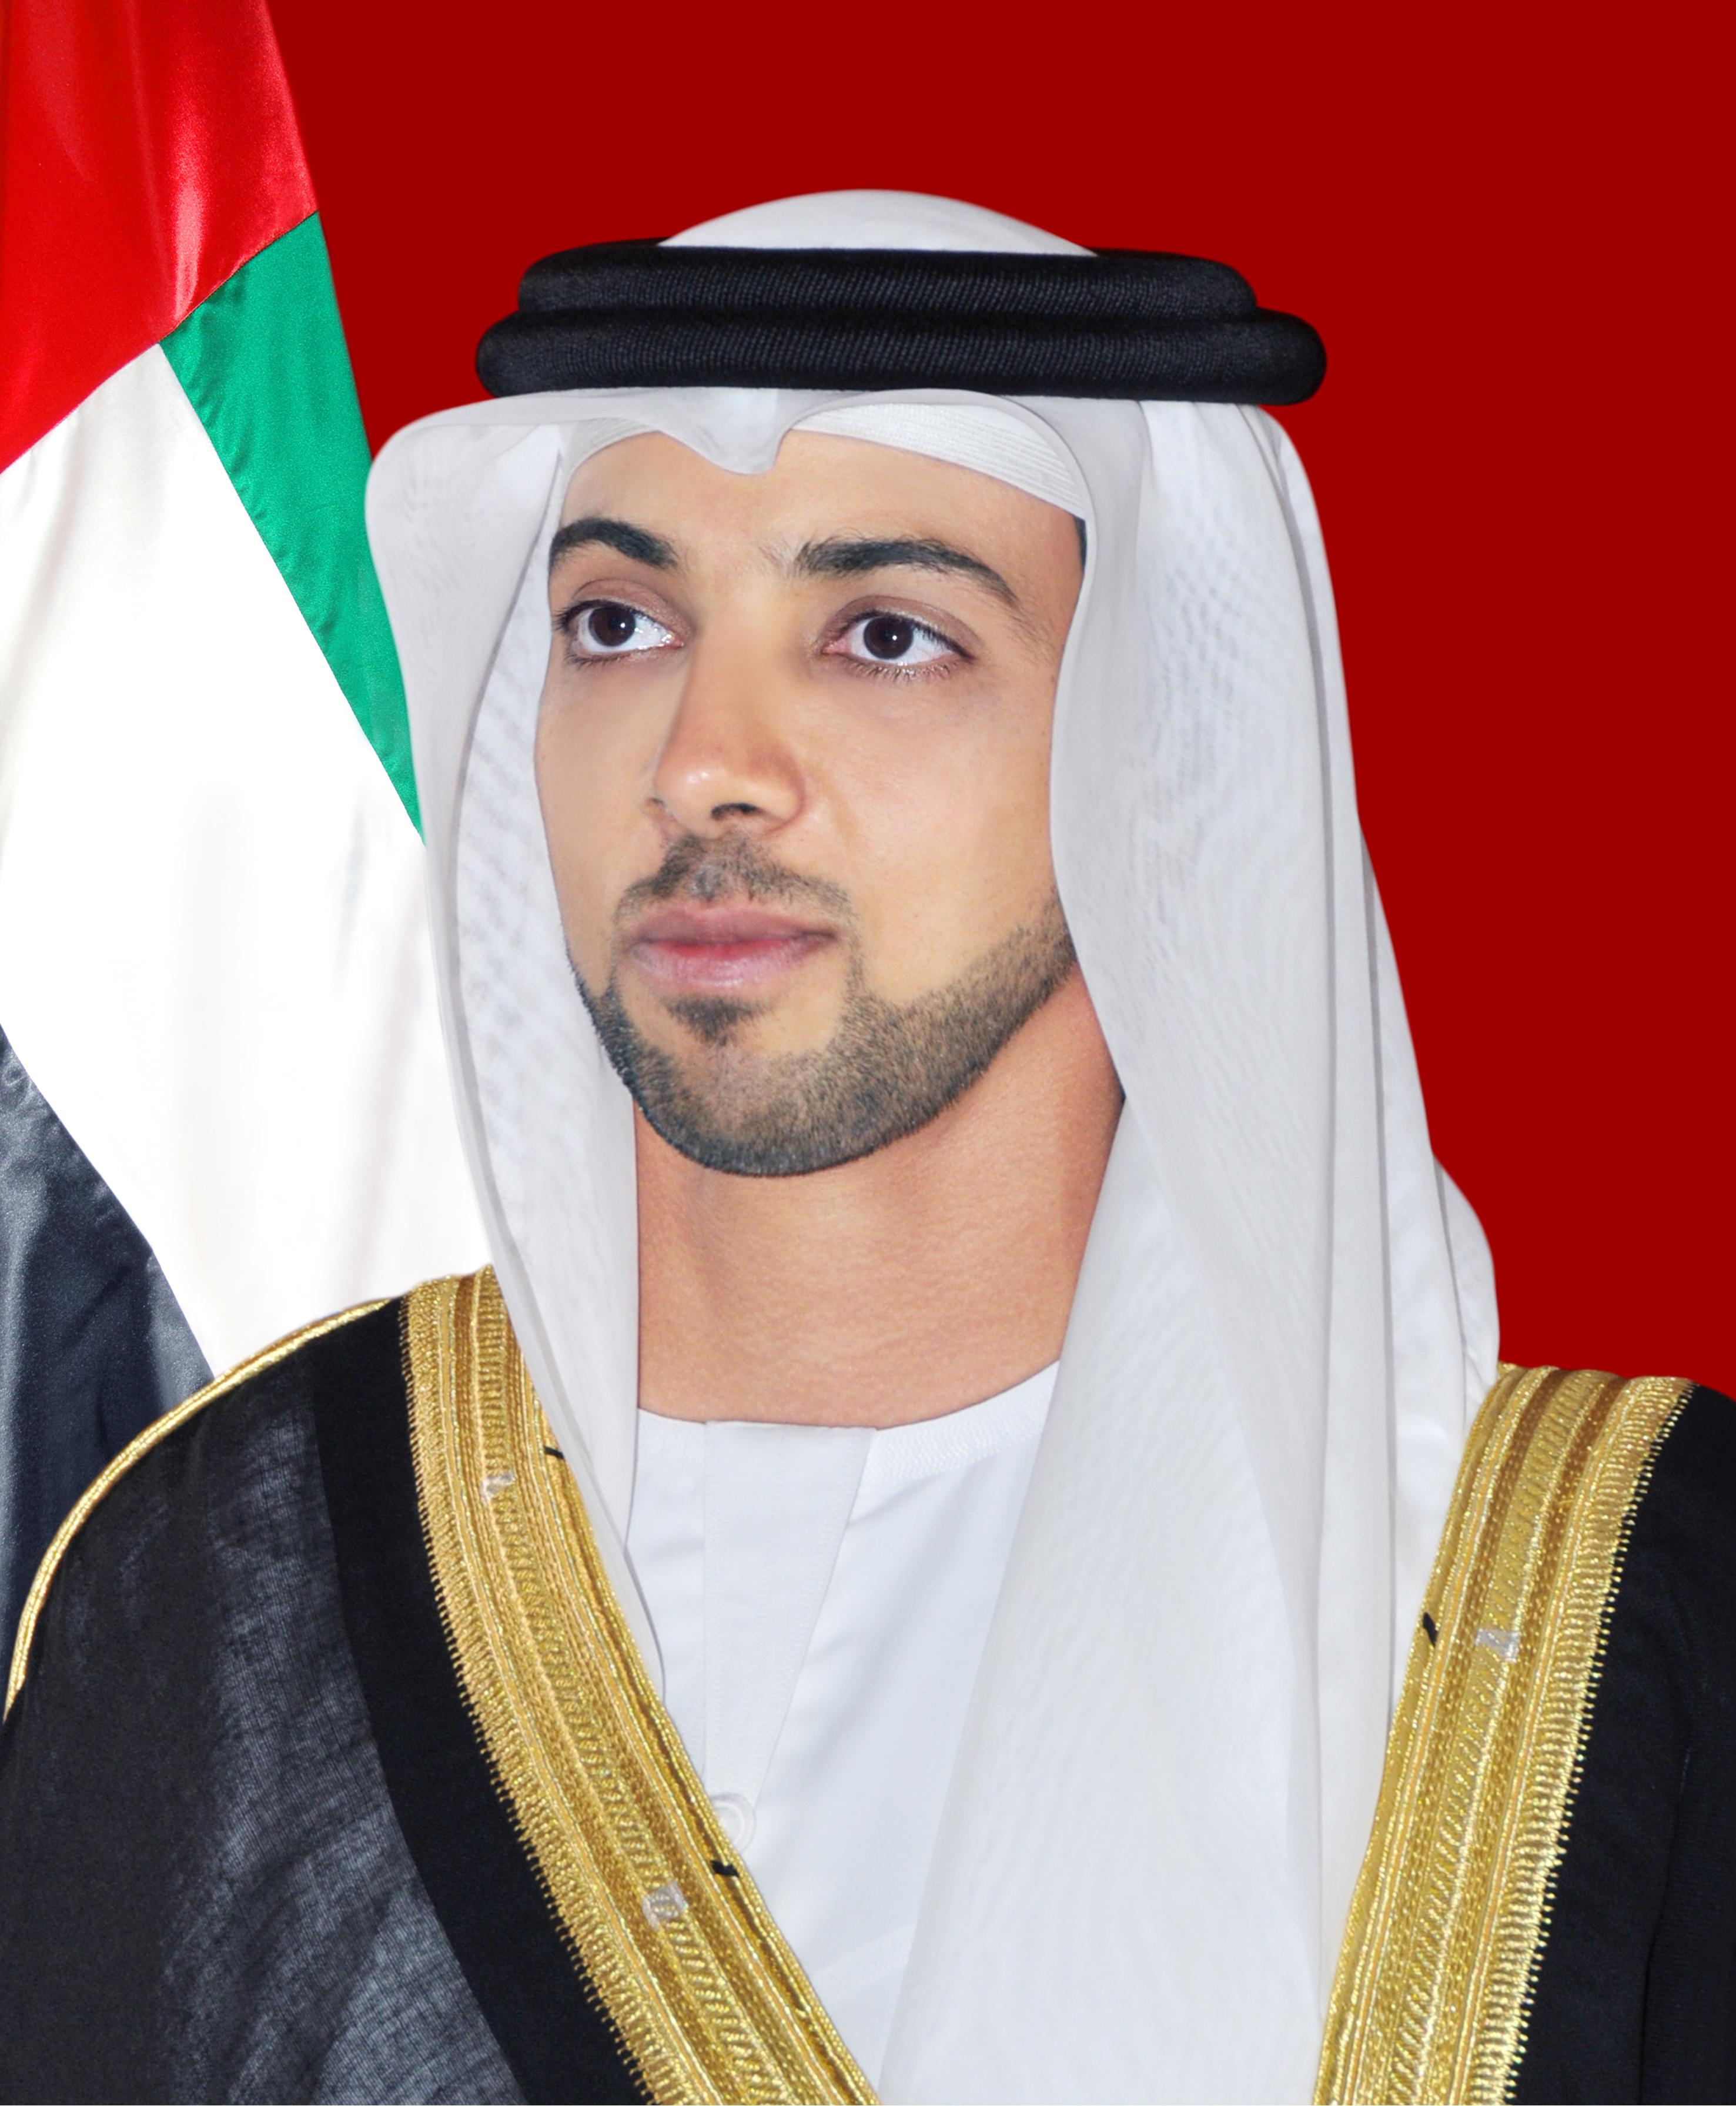 الرسمية لسمو الشيخ منصور بن زايد ال نهيان